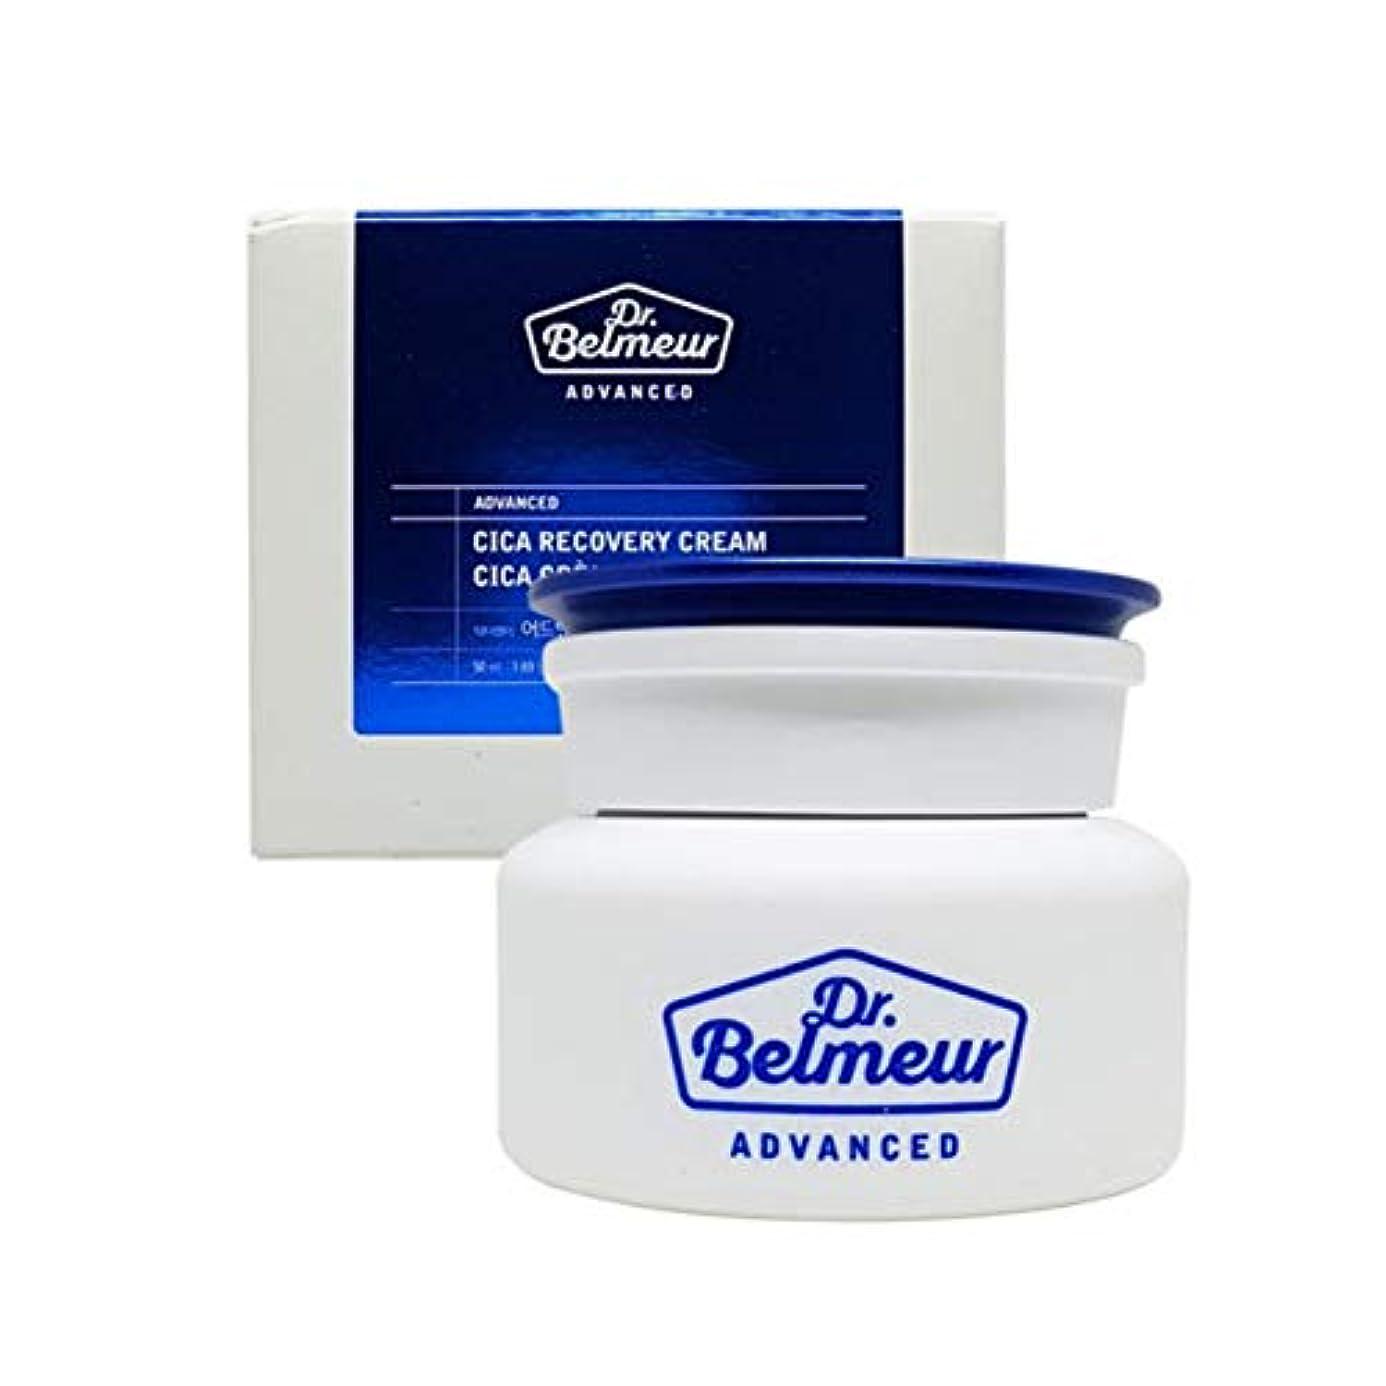 巧みな消費マスクザ?フェイスショップドクターベルモアドバンスドシカリカバリークリーム50ml 韓国コスメ、The Face Shop Dr.Belmeur Advanced Cica Recovery Cream 50ml Korean...